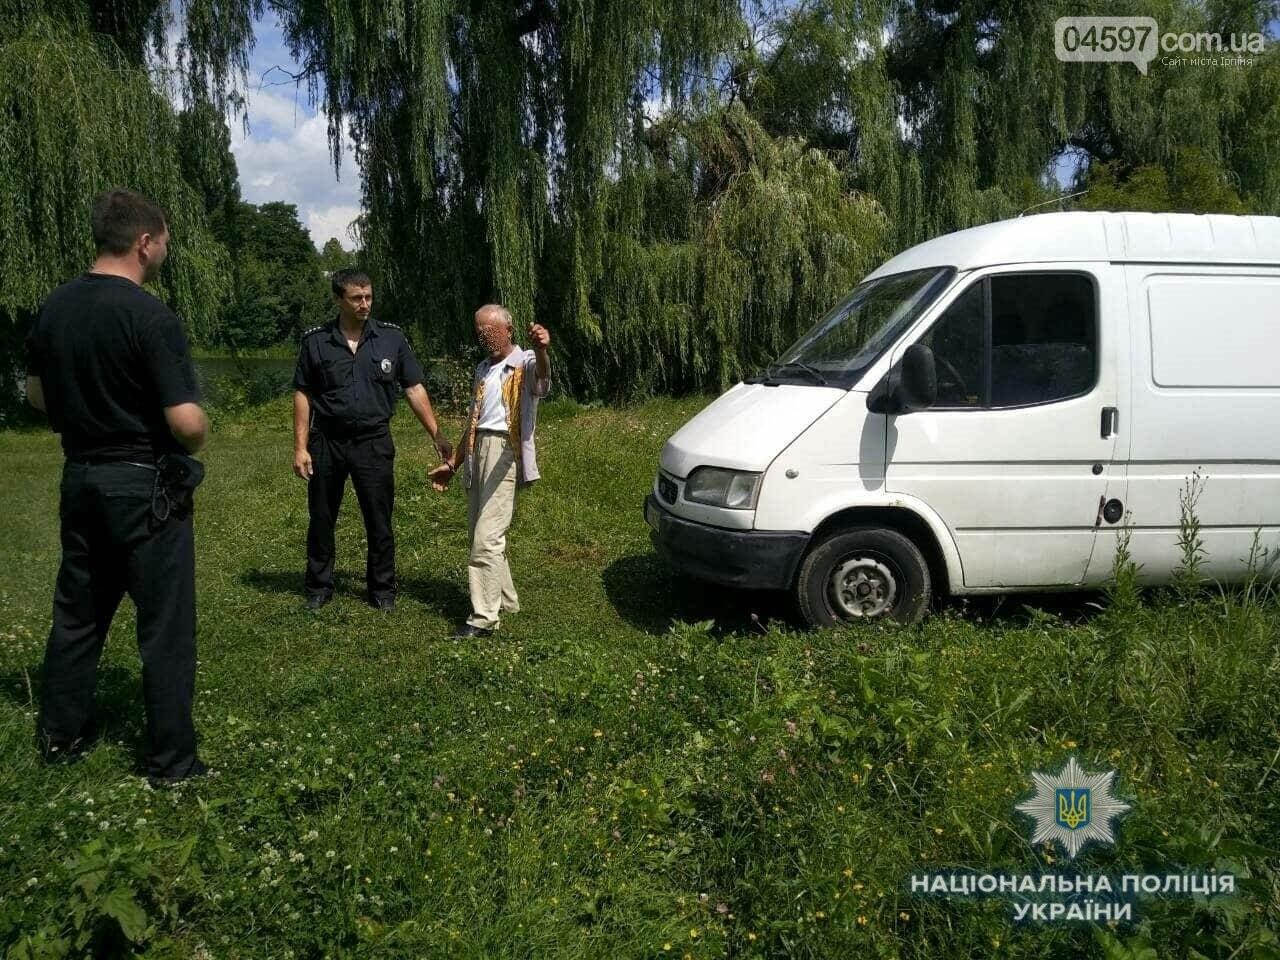 Поліцейські Київщини за «гарячим слідом» затримали автокрадія, фото-2